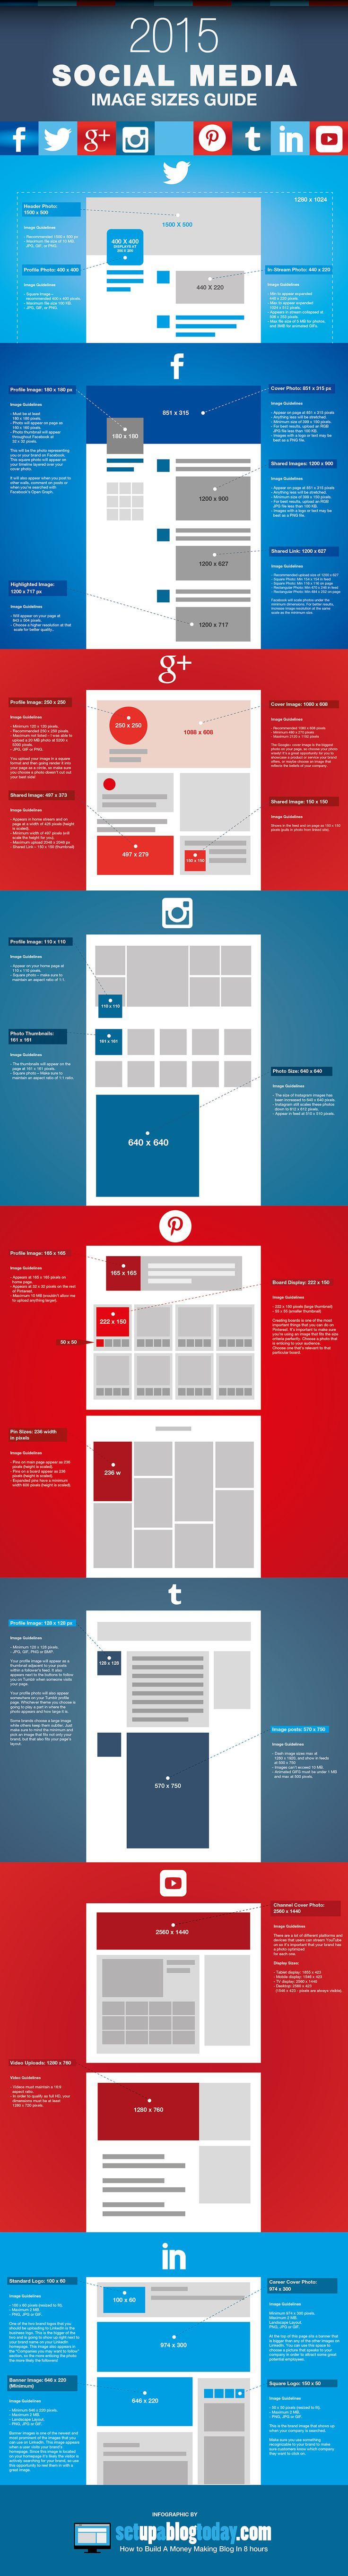 Todas las medidas de las fotos en redes sociales 2015